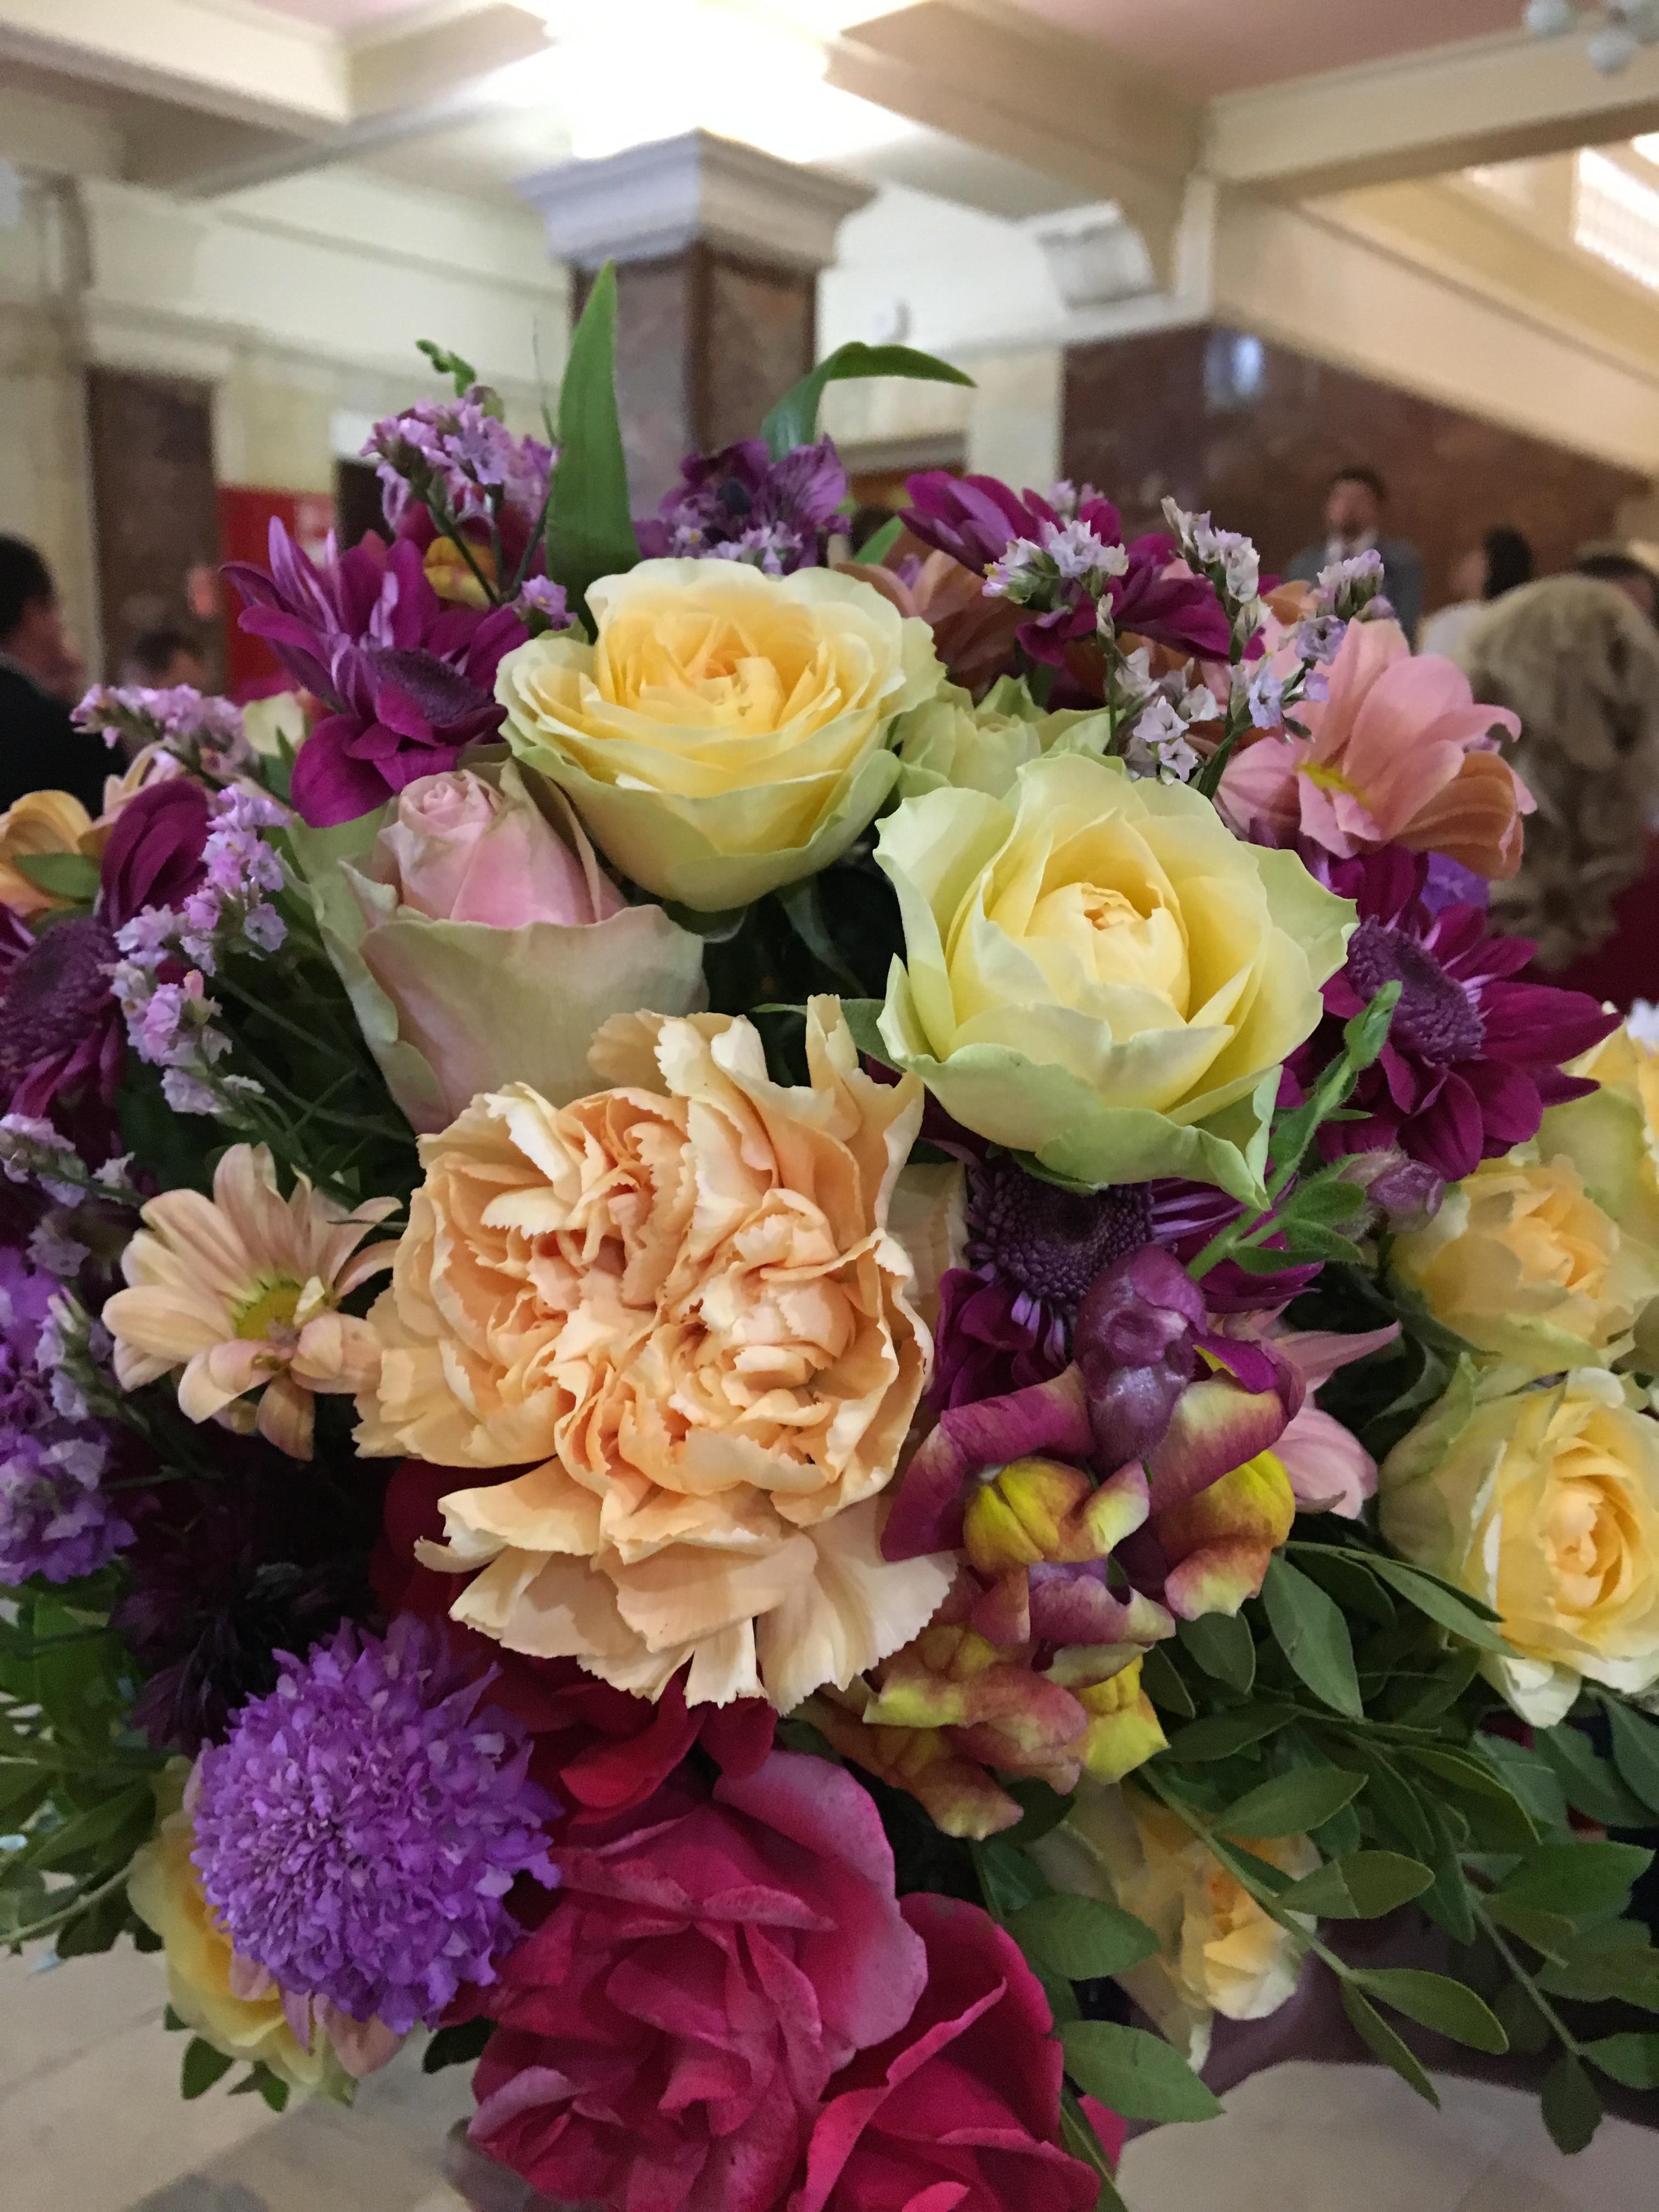 Купить цветы на октябрьской, цветов аша